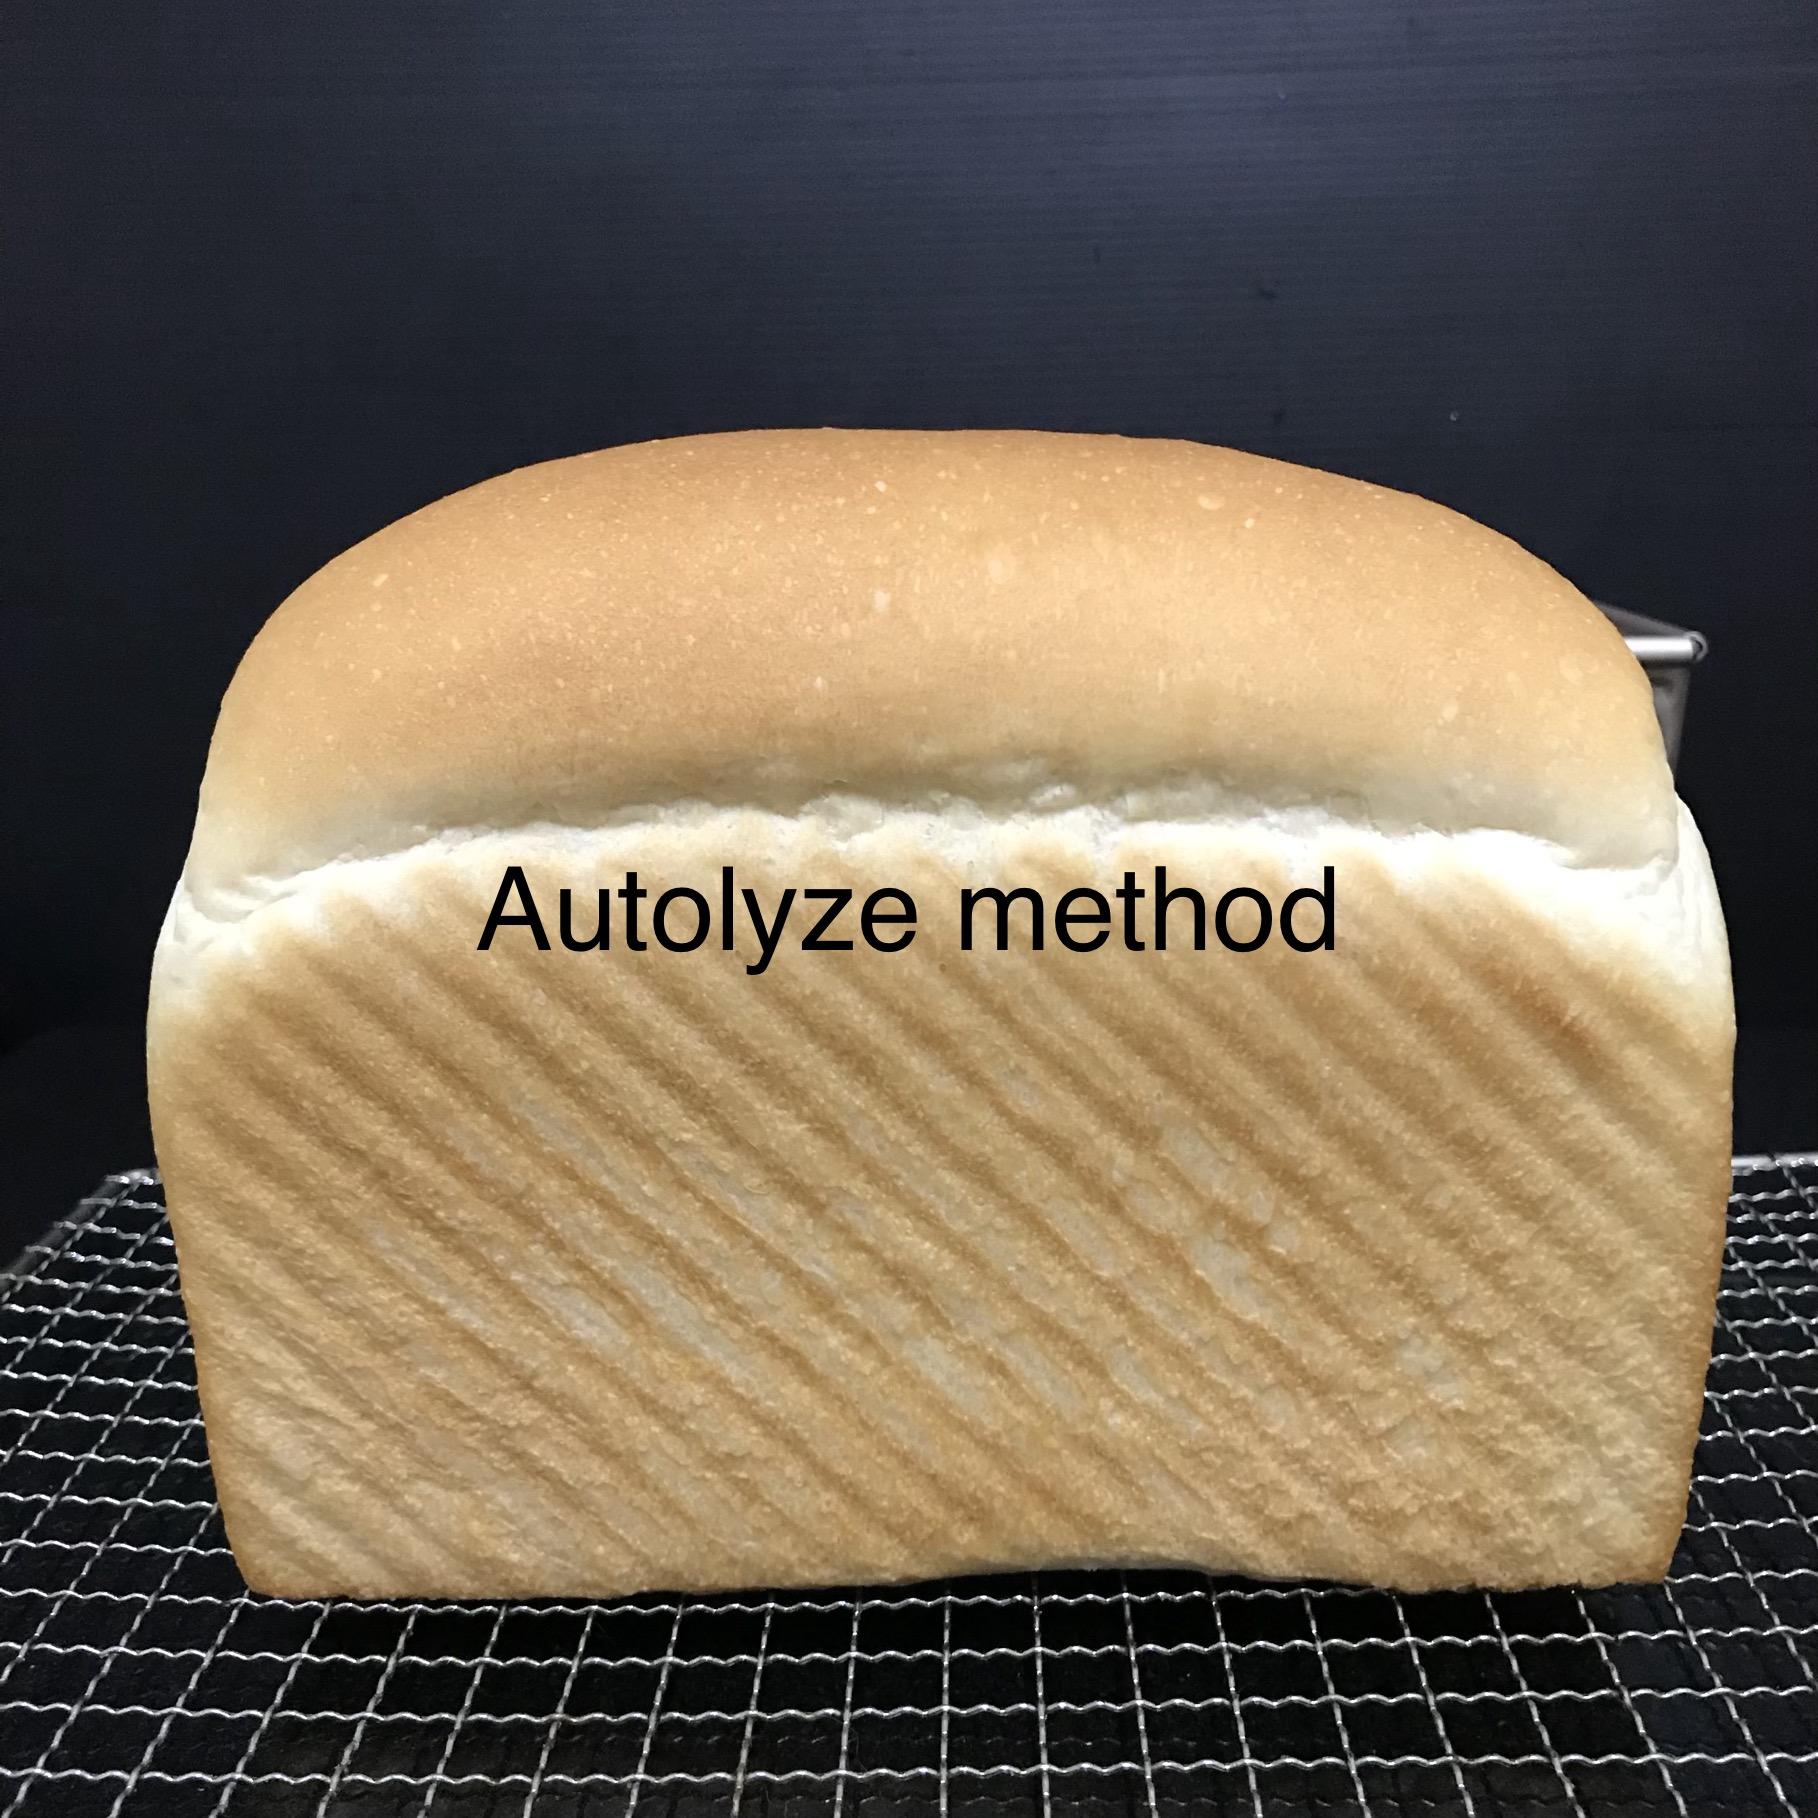 autolyze